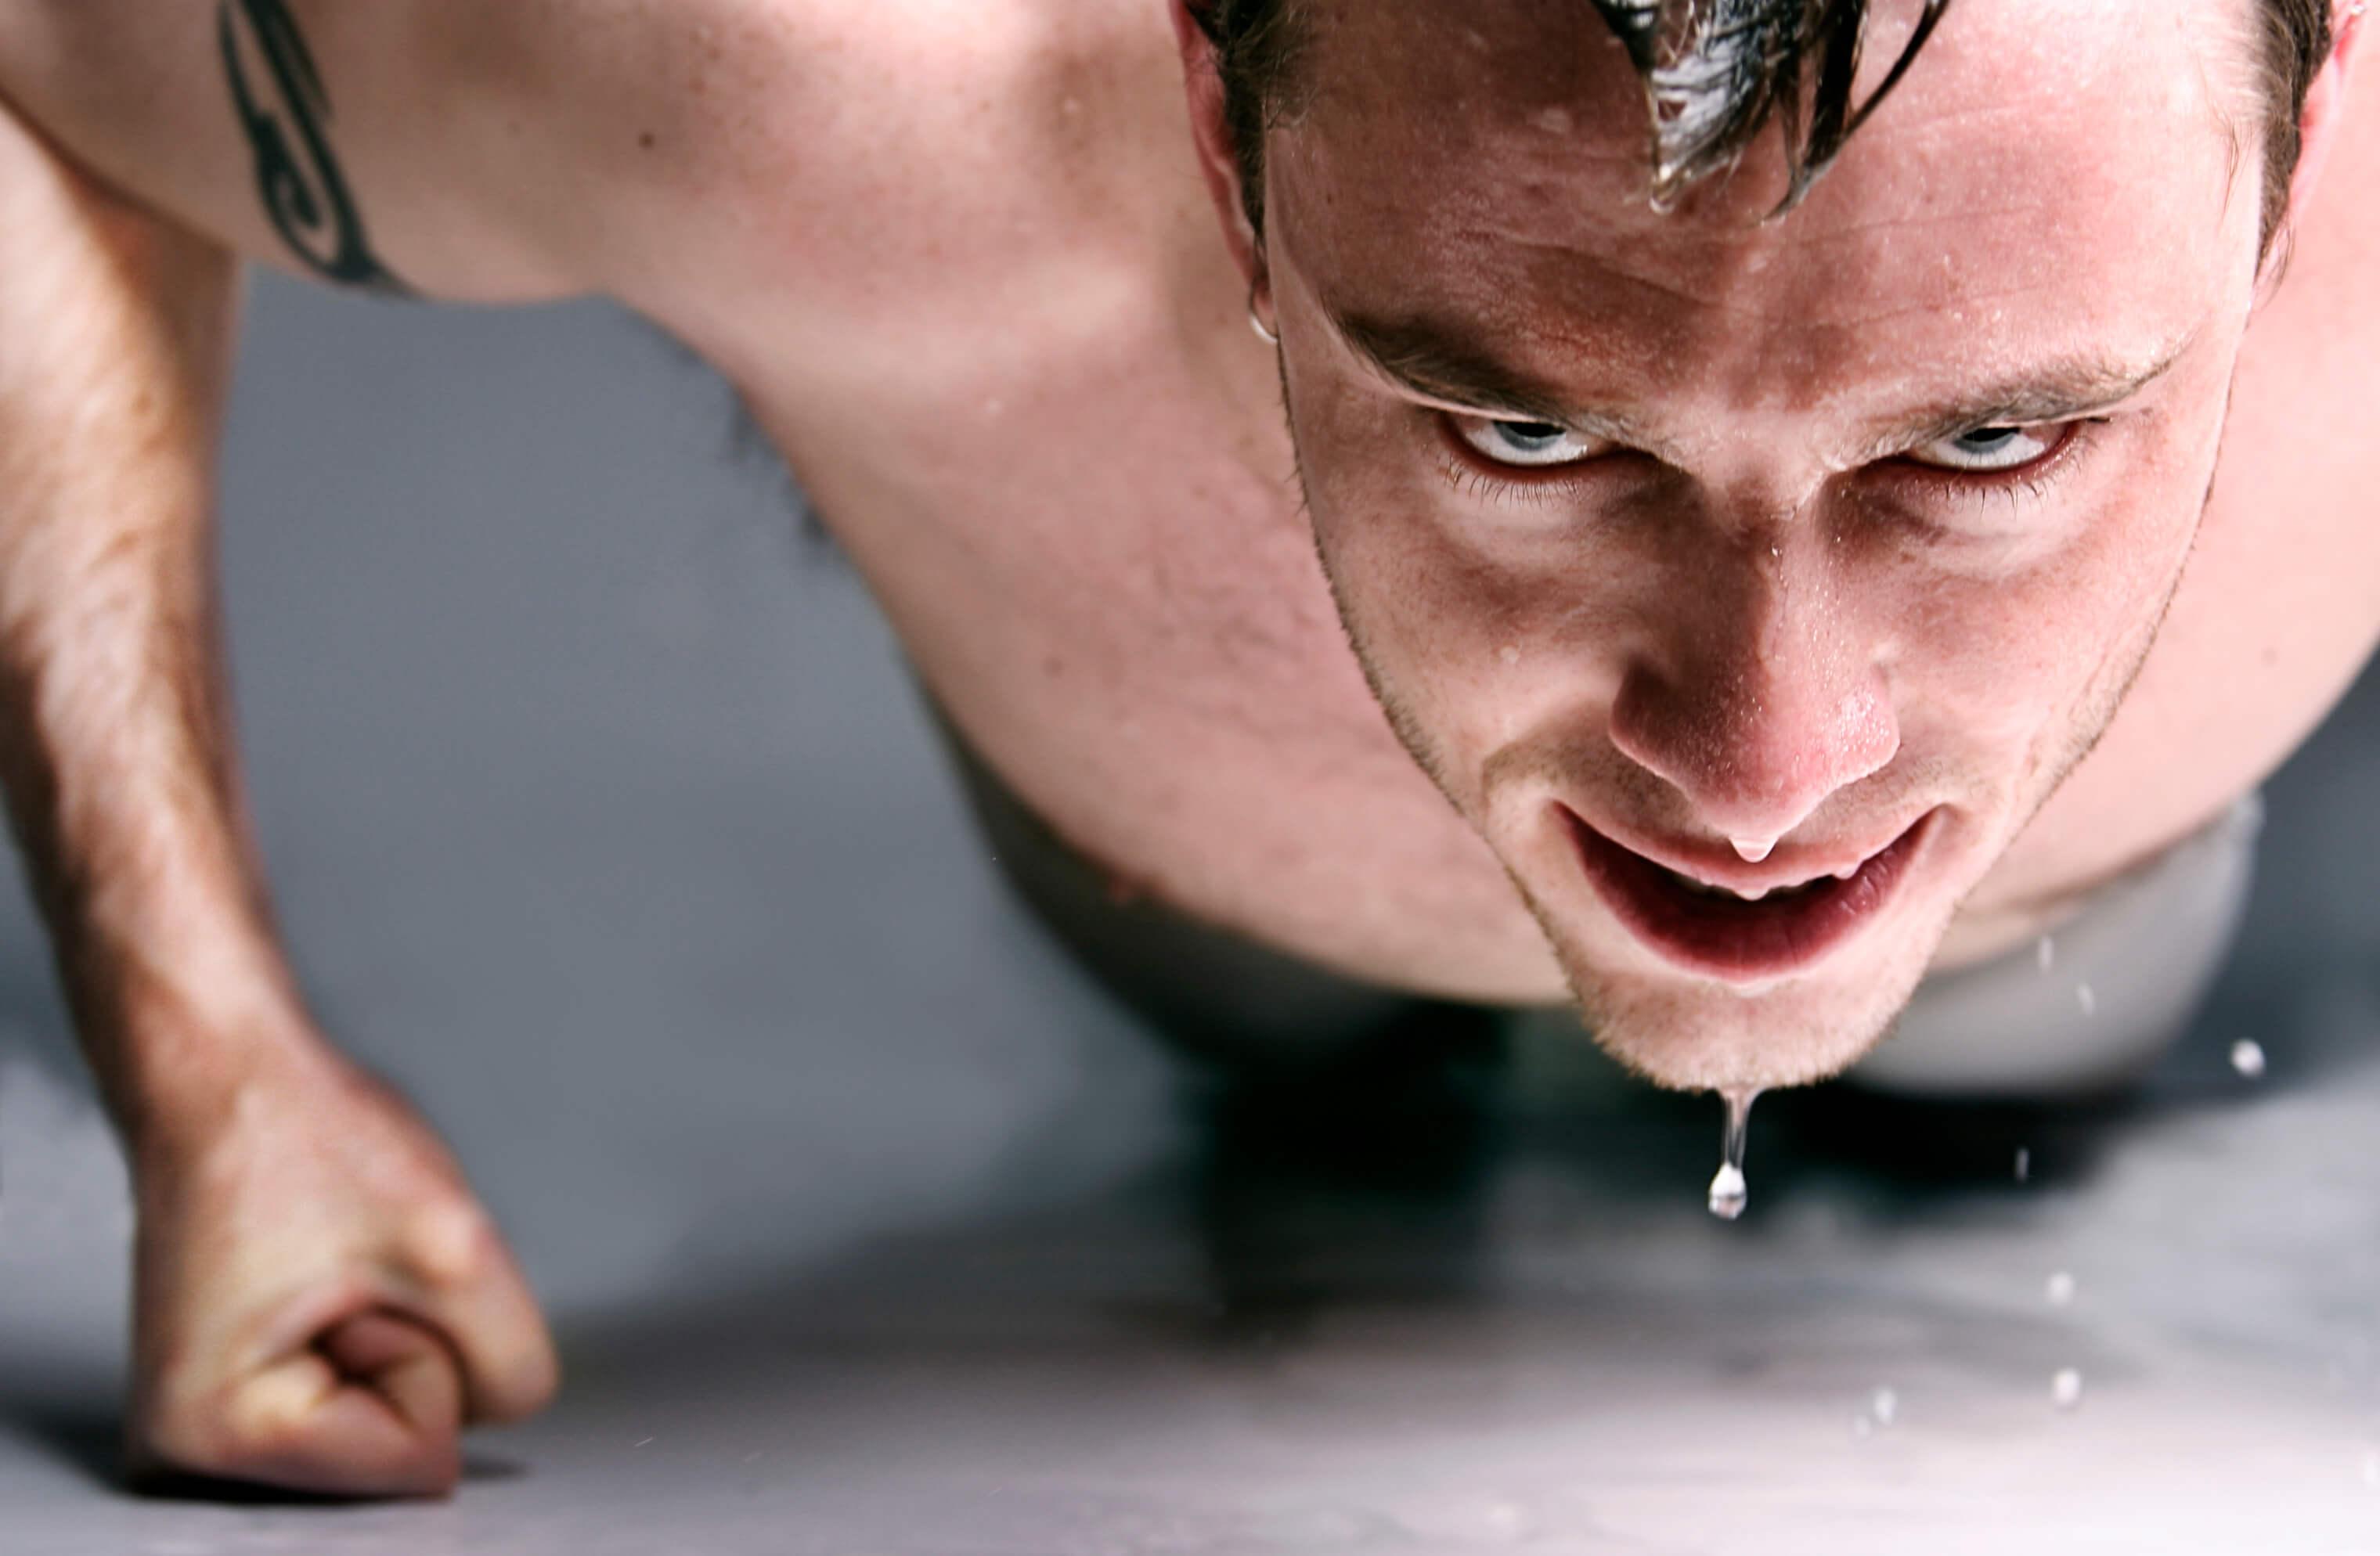 3c66f66e50 Utilizar fajas y plásticos durante el ejercicio ¿ayudan a quemar más grasa